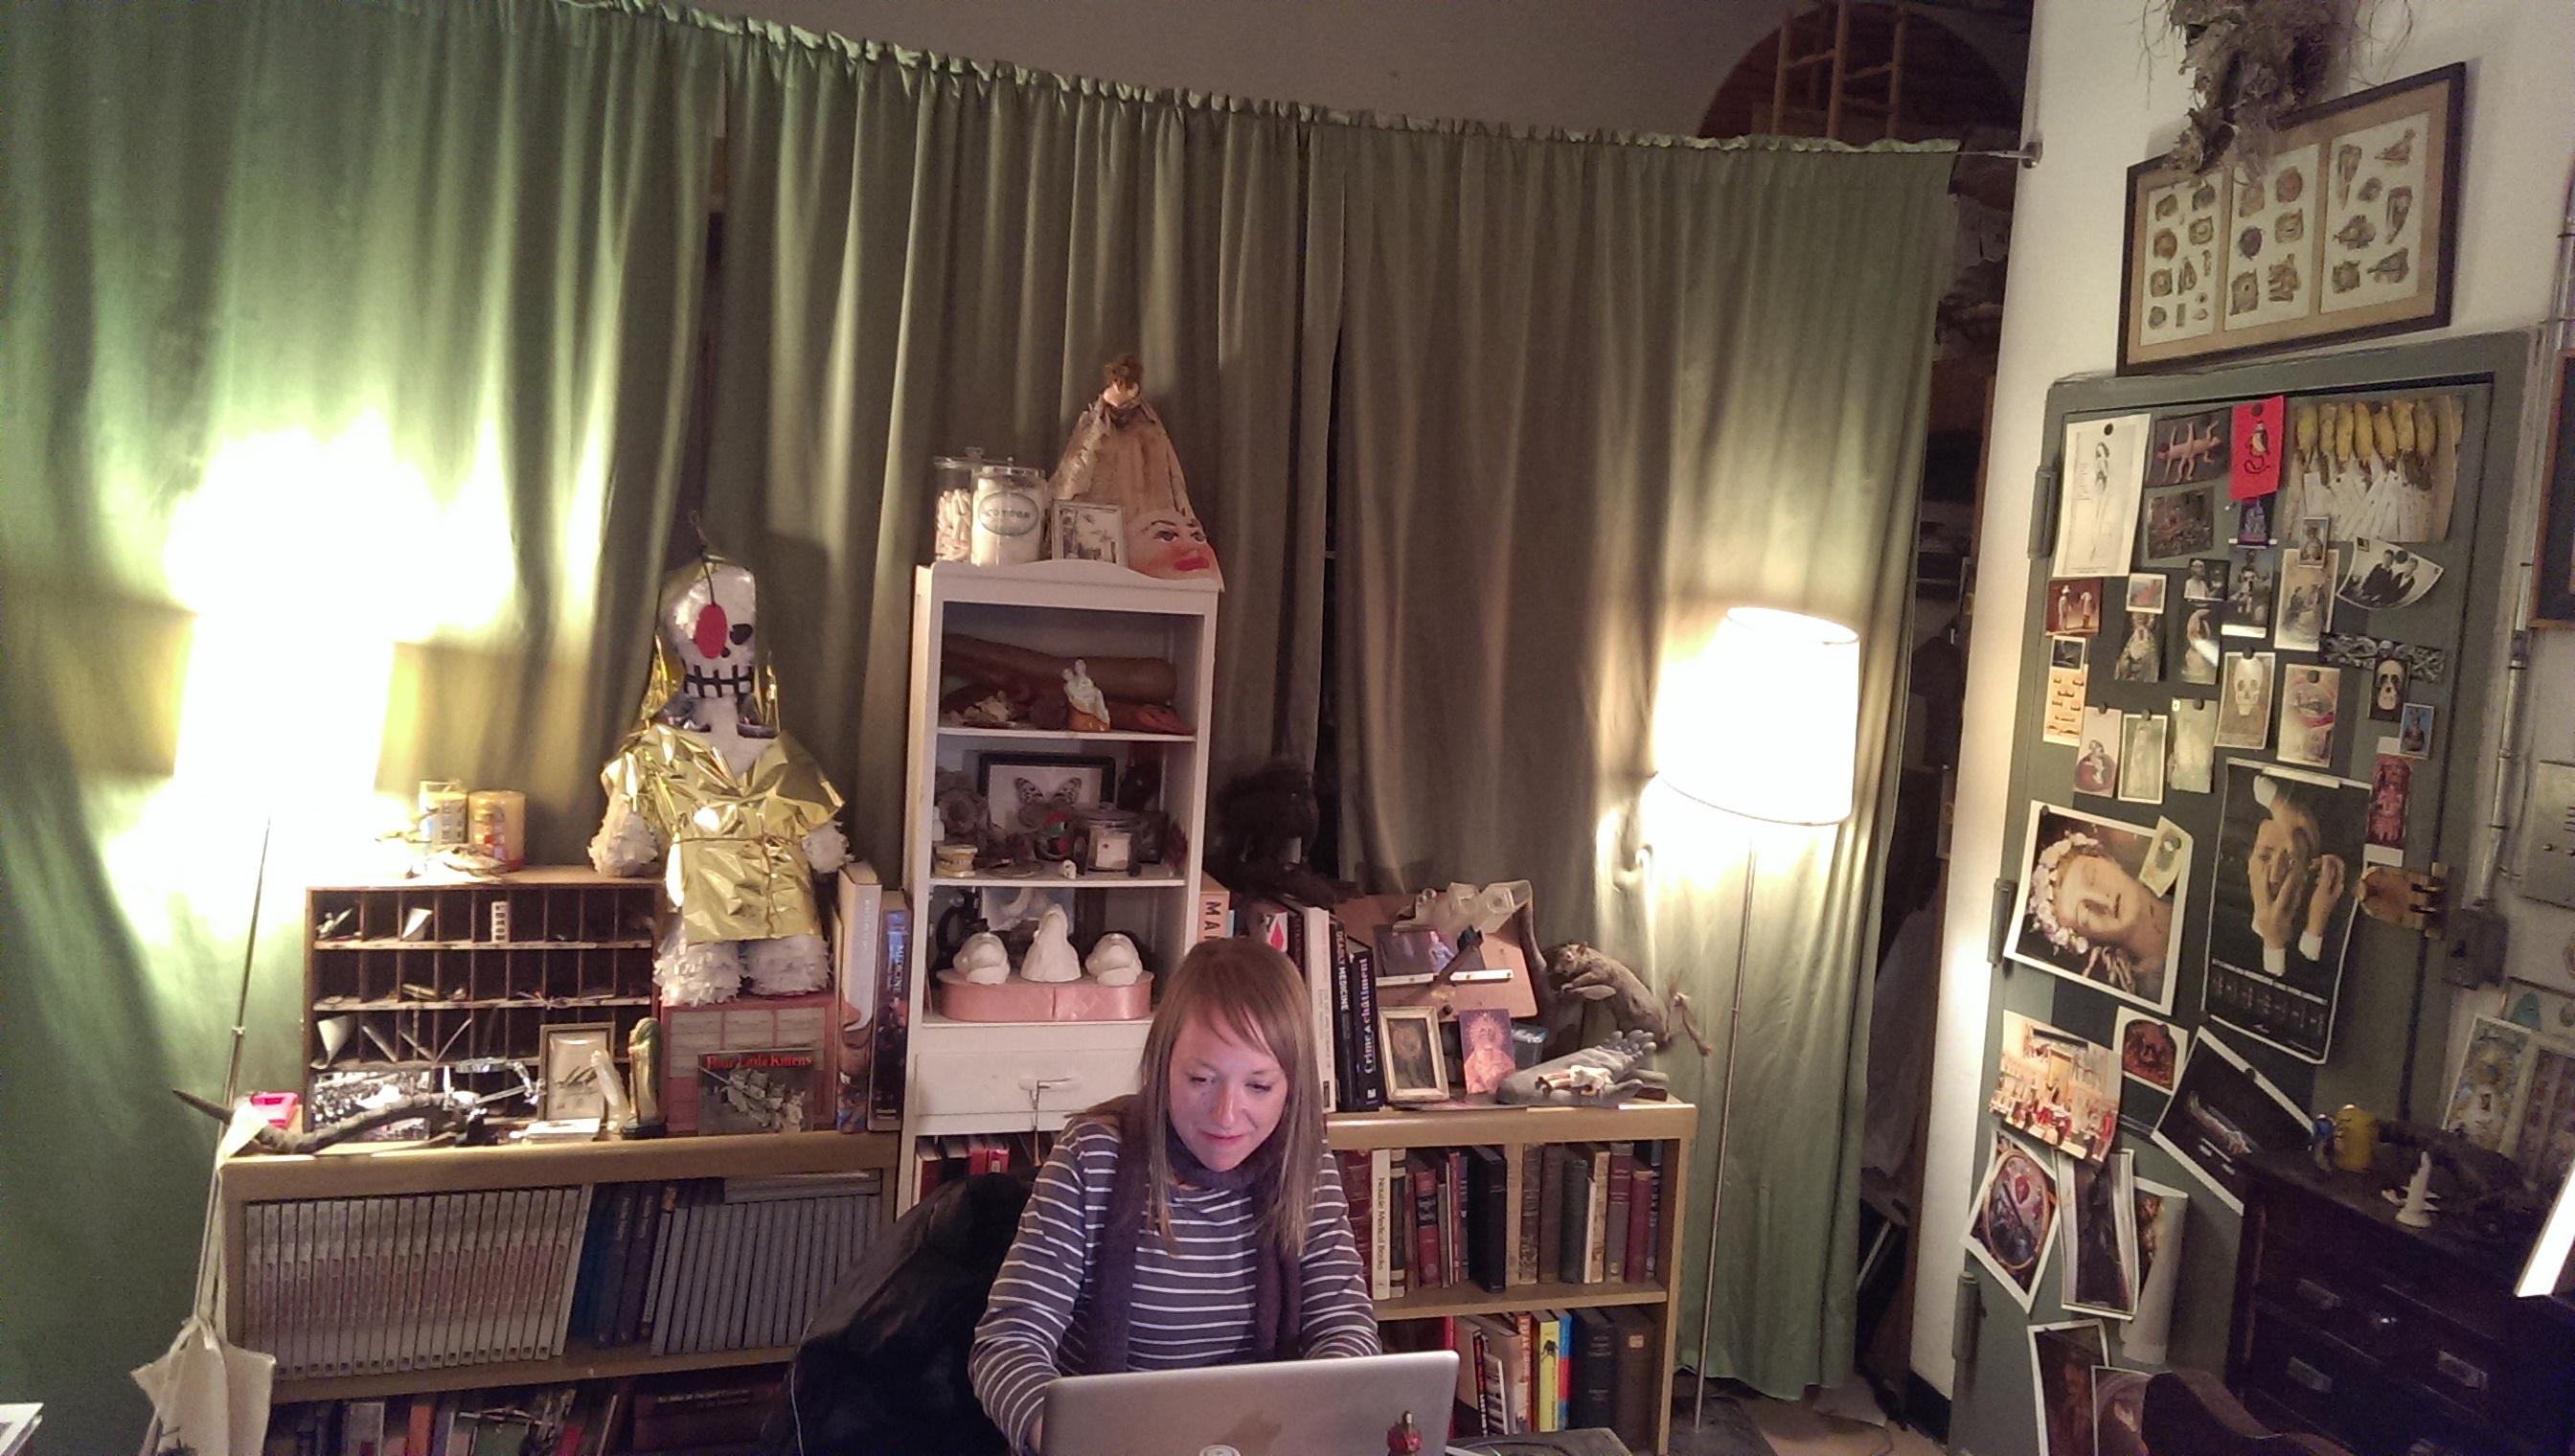 Joanna Ebenstein, founder of Morbid Anatomy, at her desk.